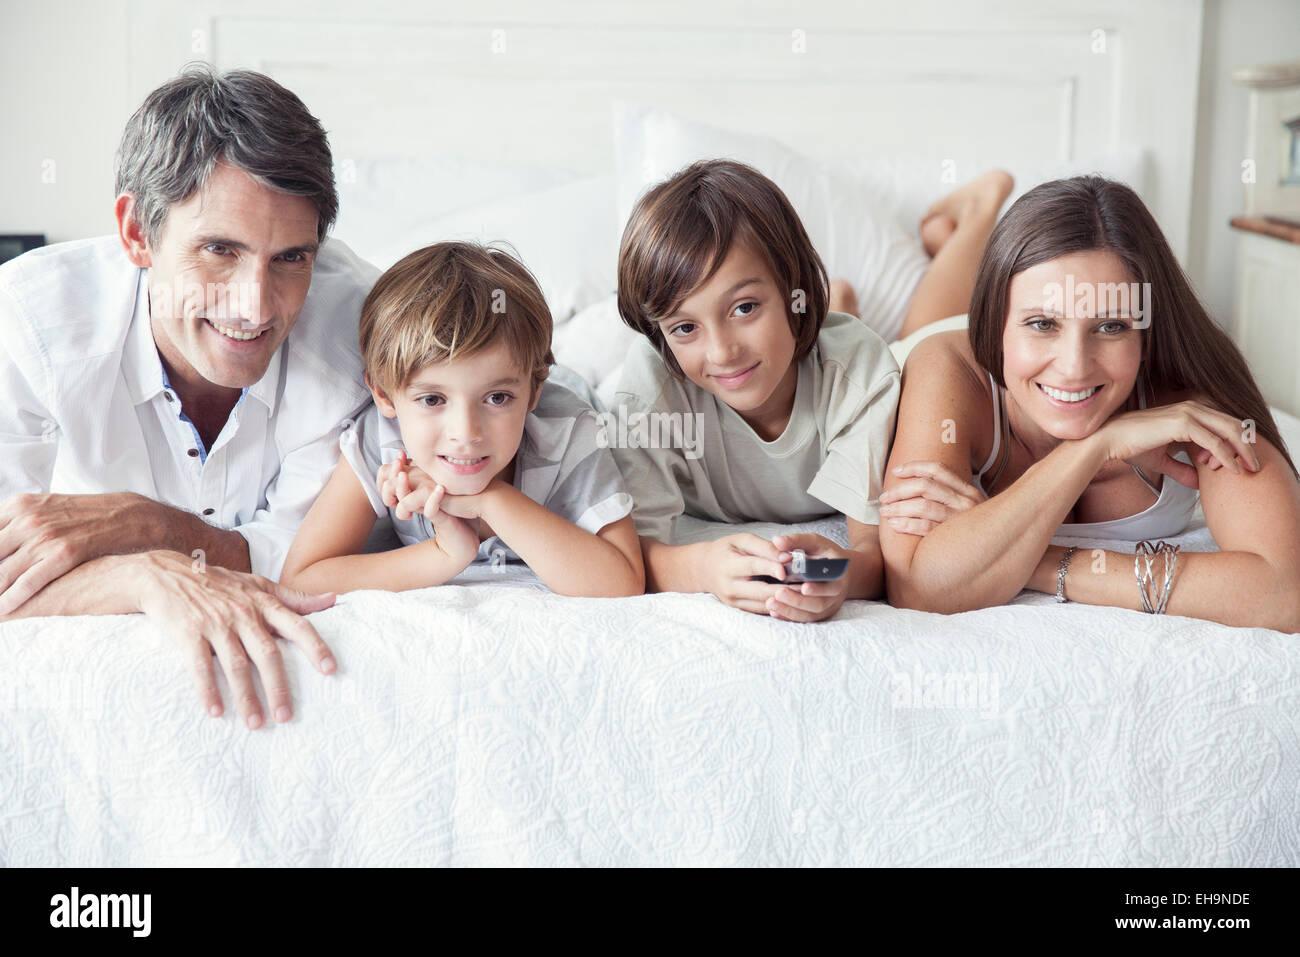 Famiglia di guardare la TV sul letto, ritratto Immagini Stock